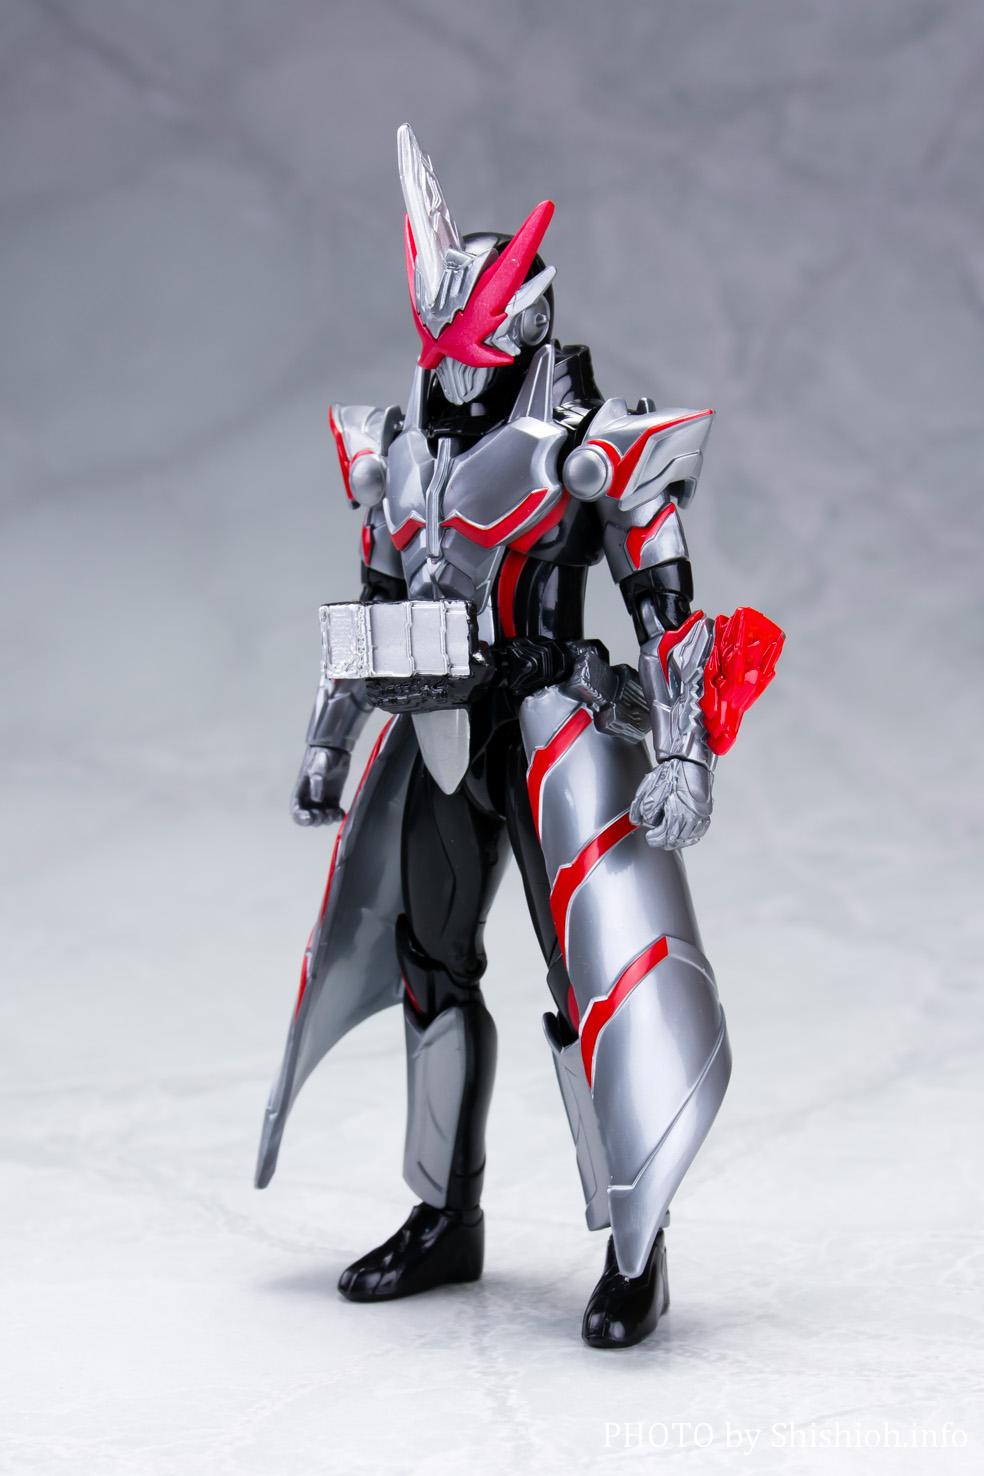 RKF 仮面ライダーセイバー ドラゴニックナイト&ワンダーコンボセット パート1